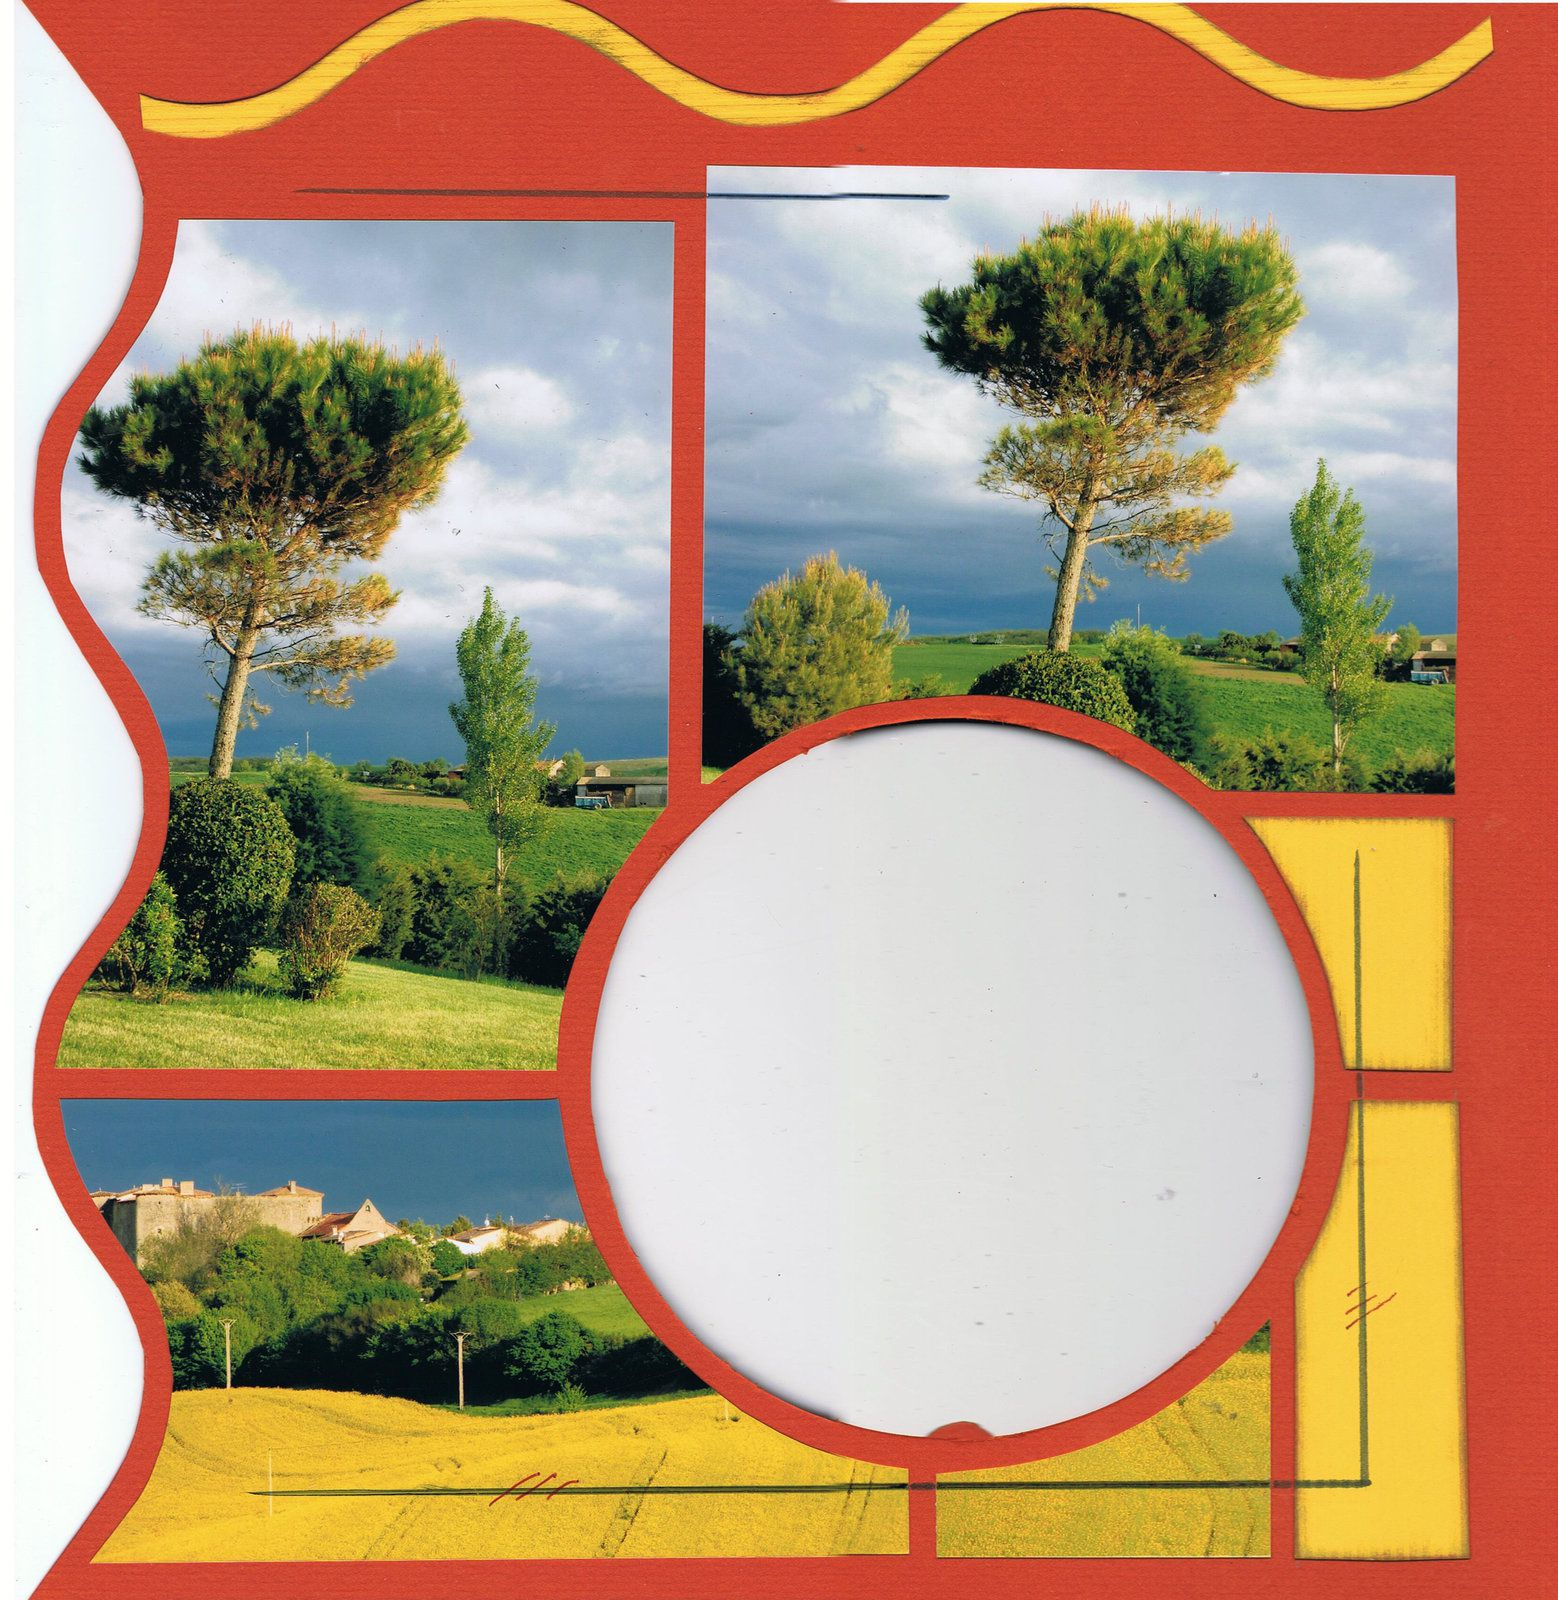 Avec une photo grand format j'ai immortalisé la vue que nous avons sur le château de Mézerville par un soir de printemps et d'orage sur les champs de colza. Bonne journée à tous et toutes